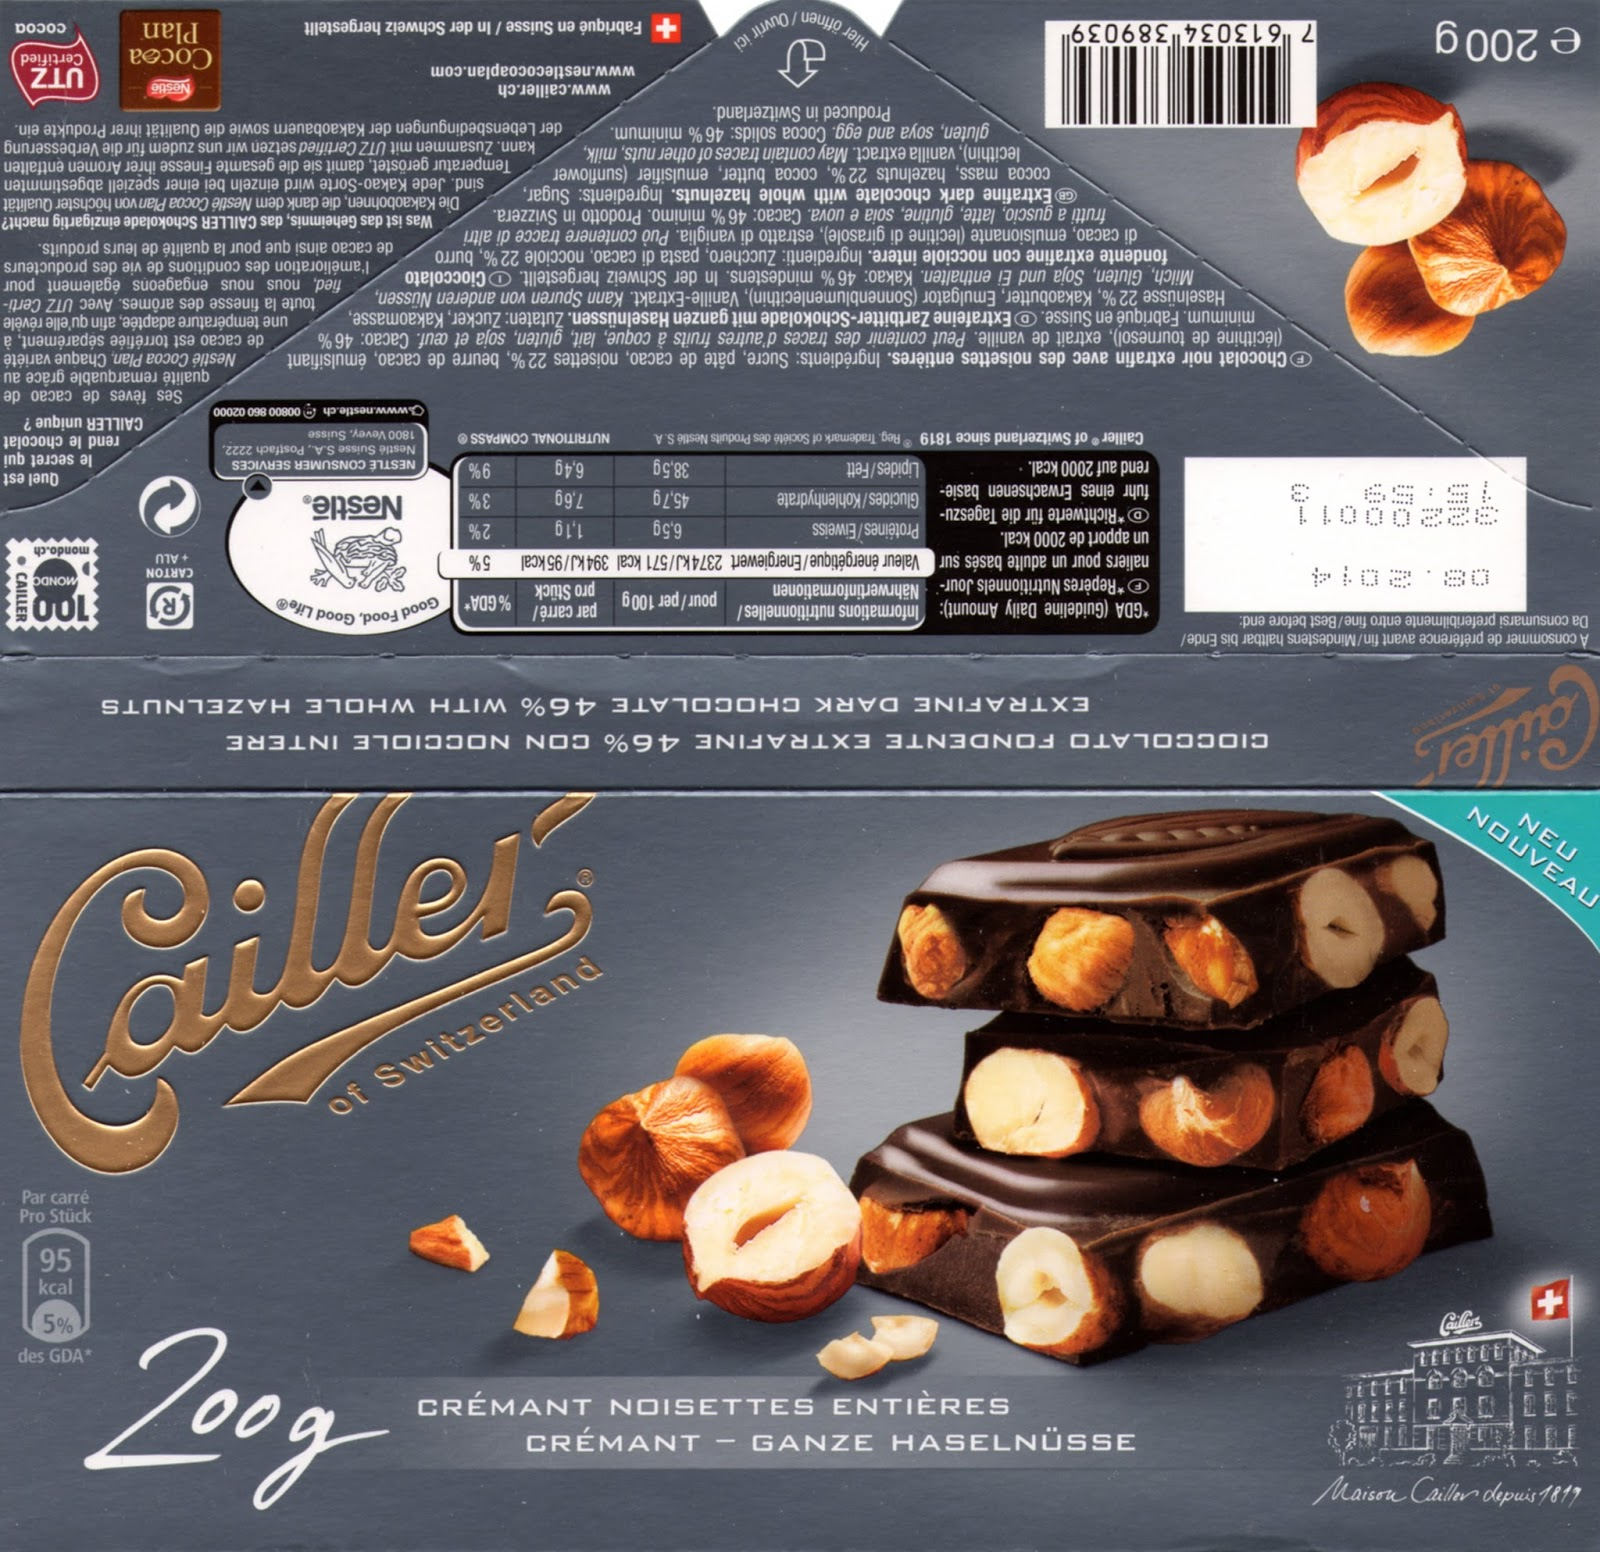 tablette de chocolat noir gourmand cailler noir crémant noisettes entières